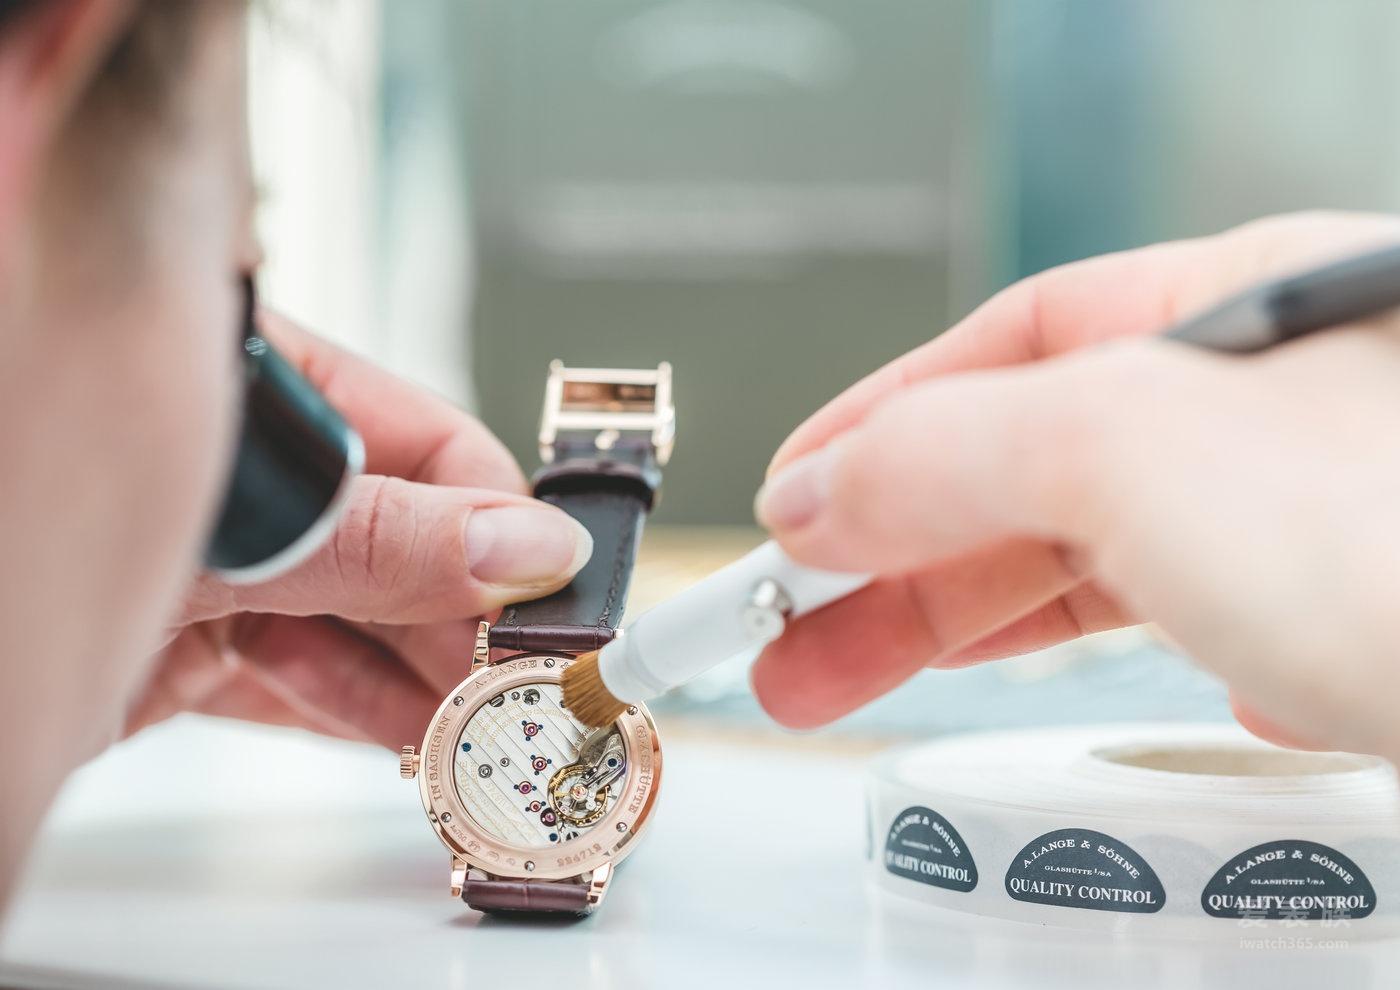 简约中尽见非凡独到—每枚朗格腕表所注入的精湛工艺